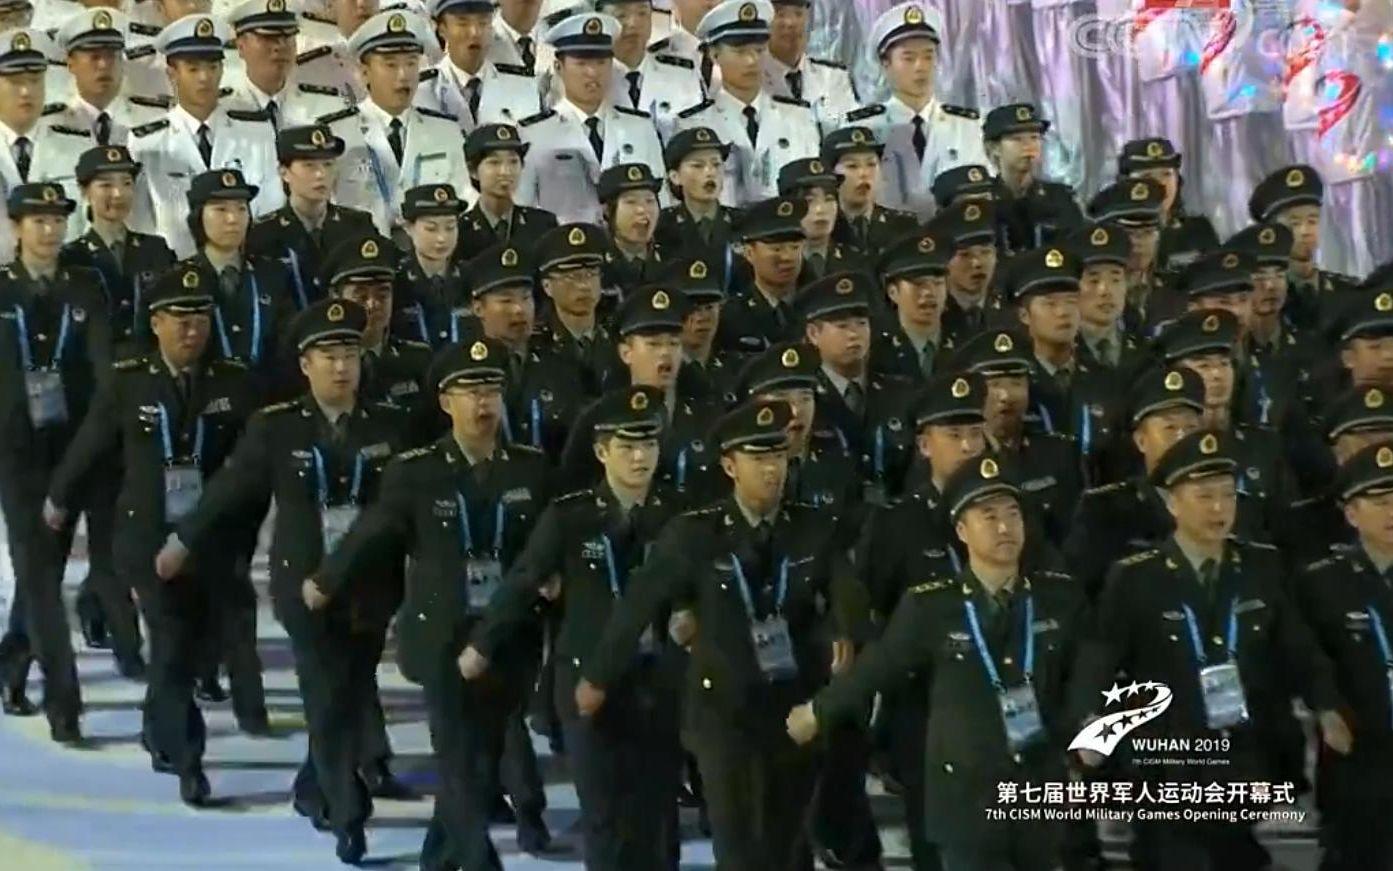 【2019军运会】【开幕式】中国队入场